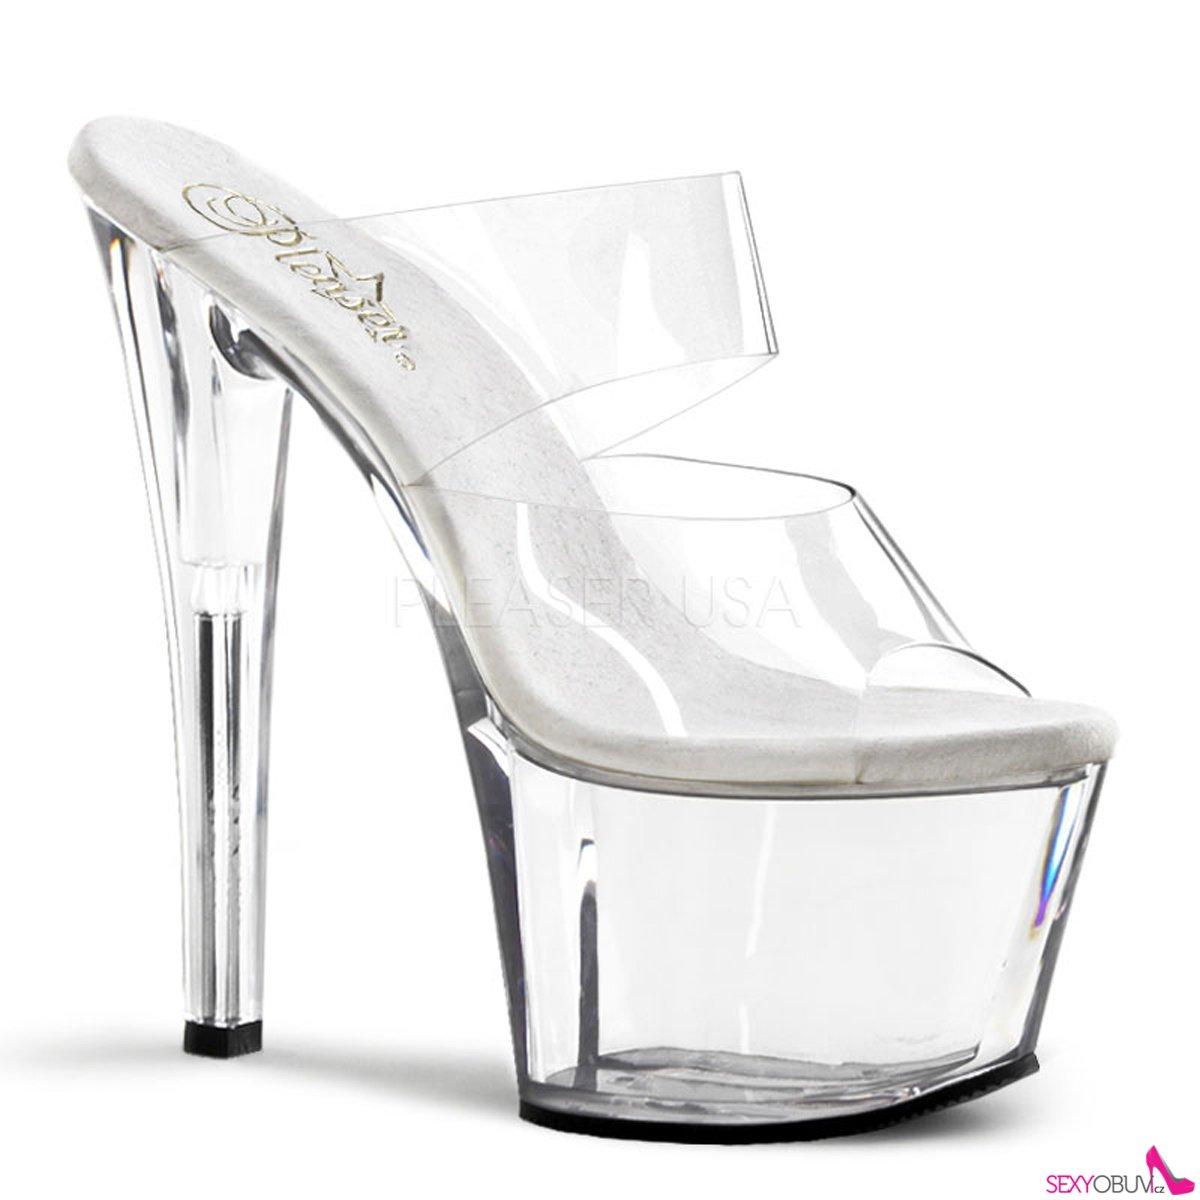 SKY-302 Průhledné dámské sexy boty na podpatku  d79f6ca769